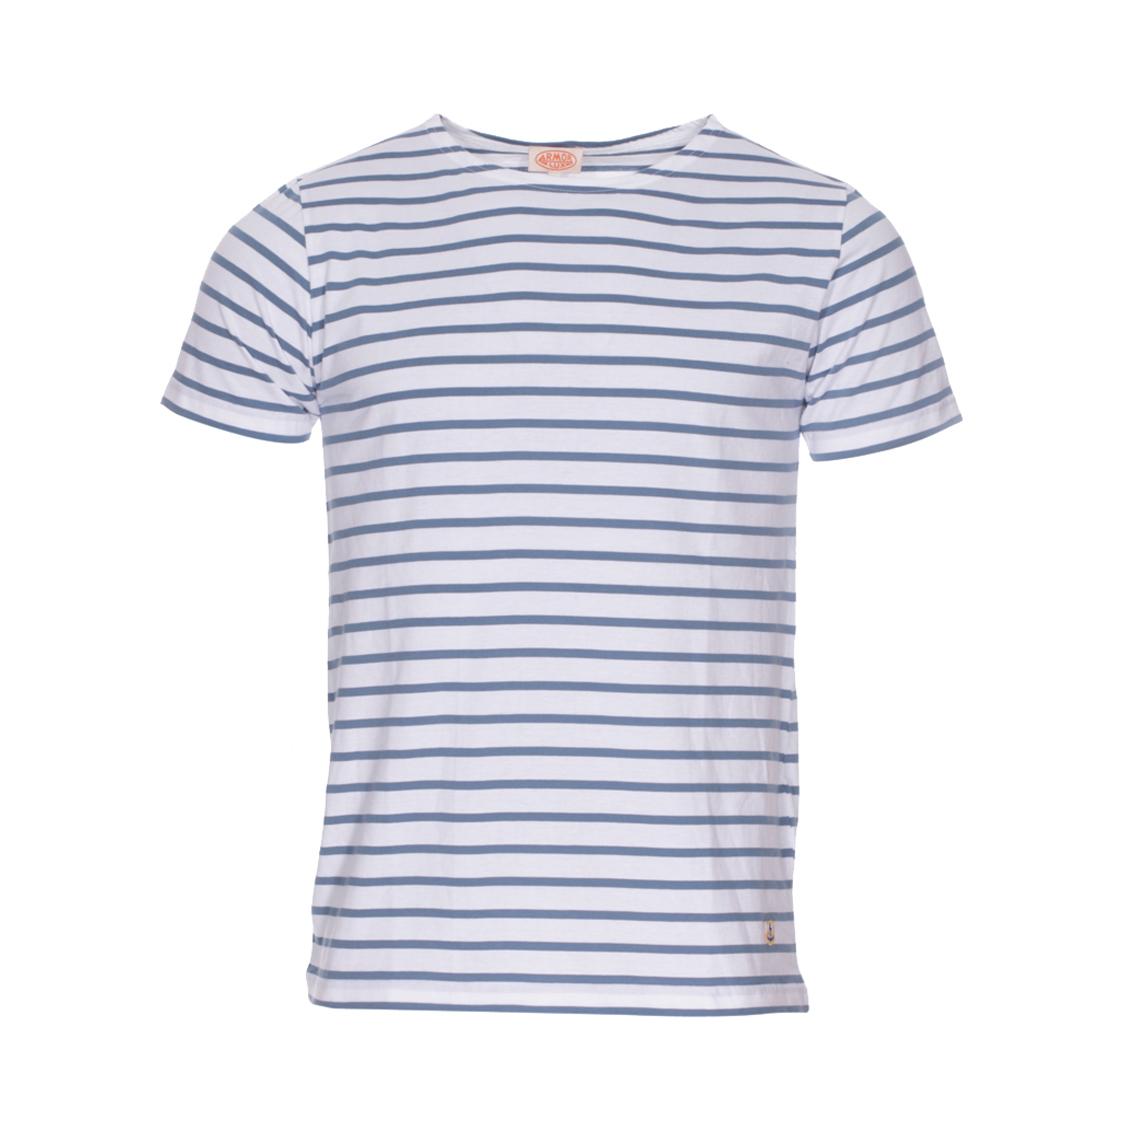 . - Coton (100%) - A rayures blanches et bleu indigo - Manches courtes